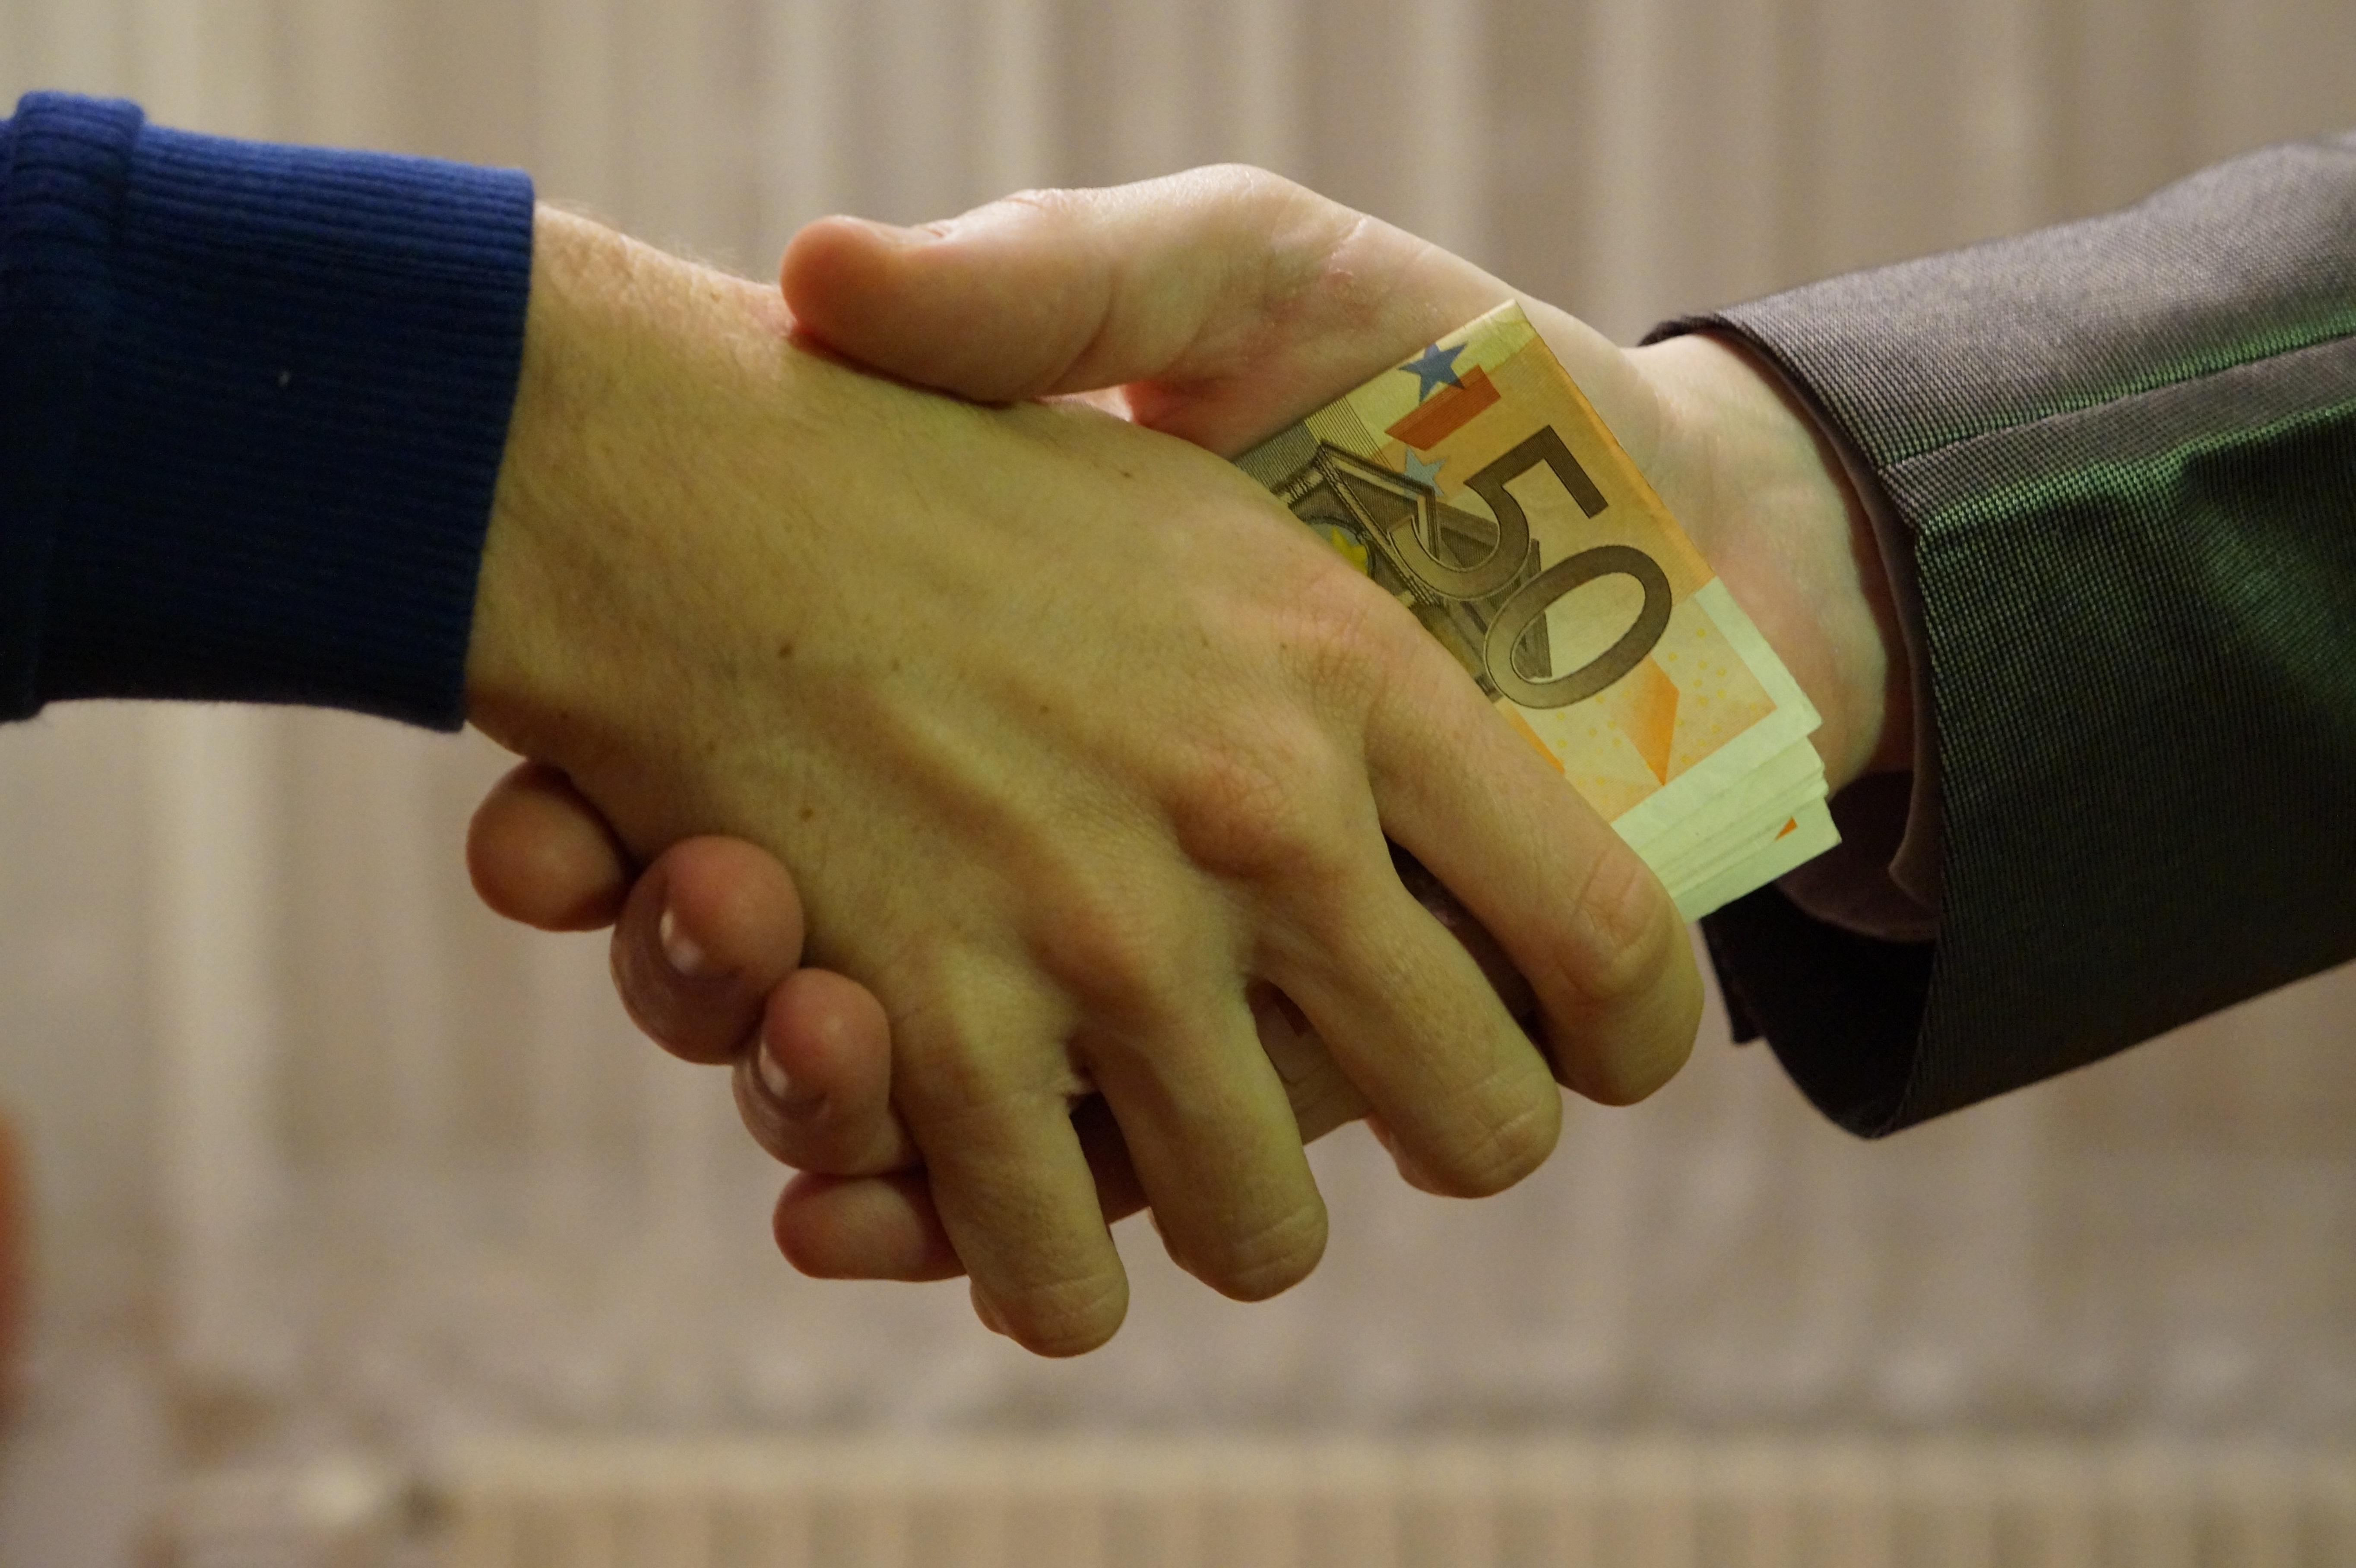 Kostenlose foto : Hand, Mann, Menschen, Bein, Finger, Geld, Markt ...